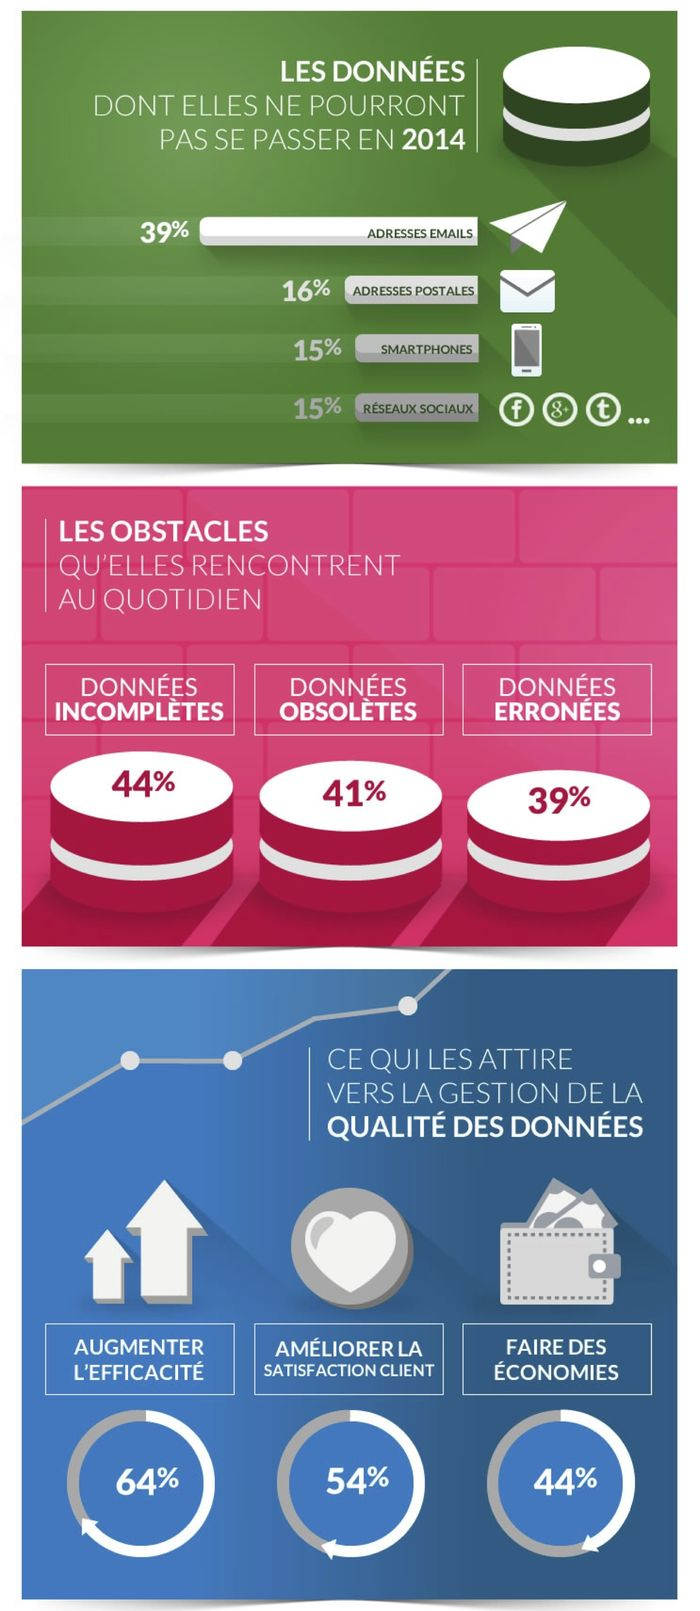 Importance de qualité des données des entreprises (c) Experian Marketing Services